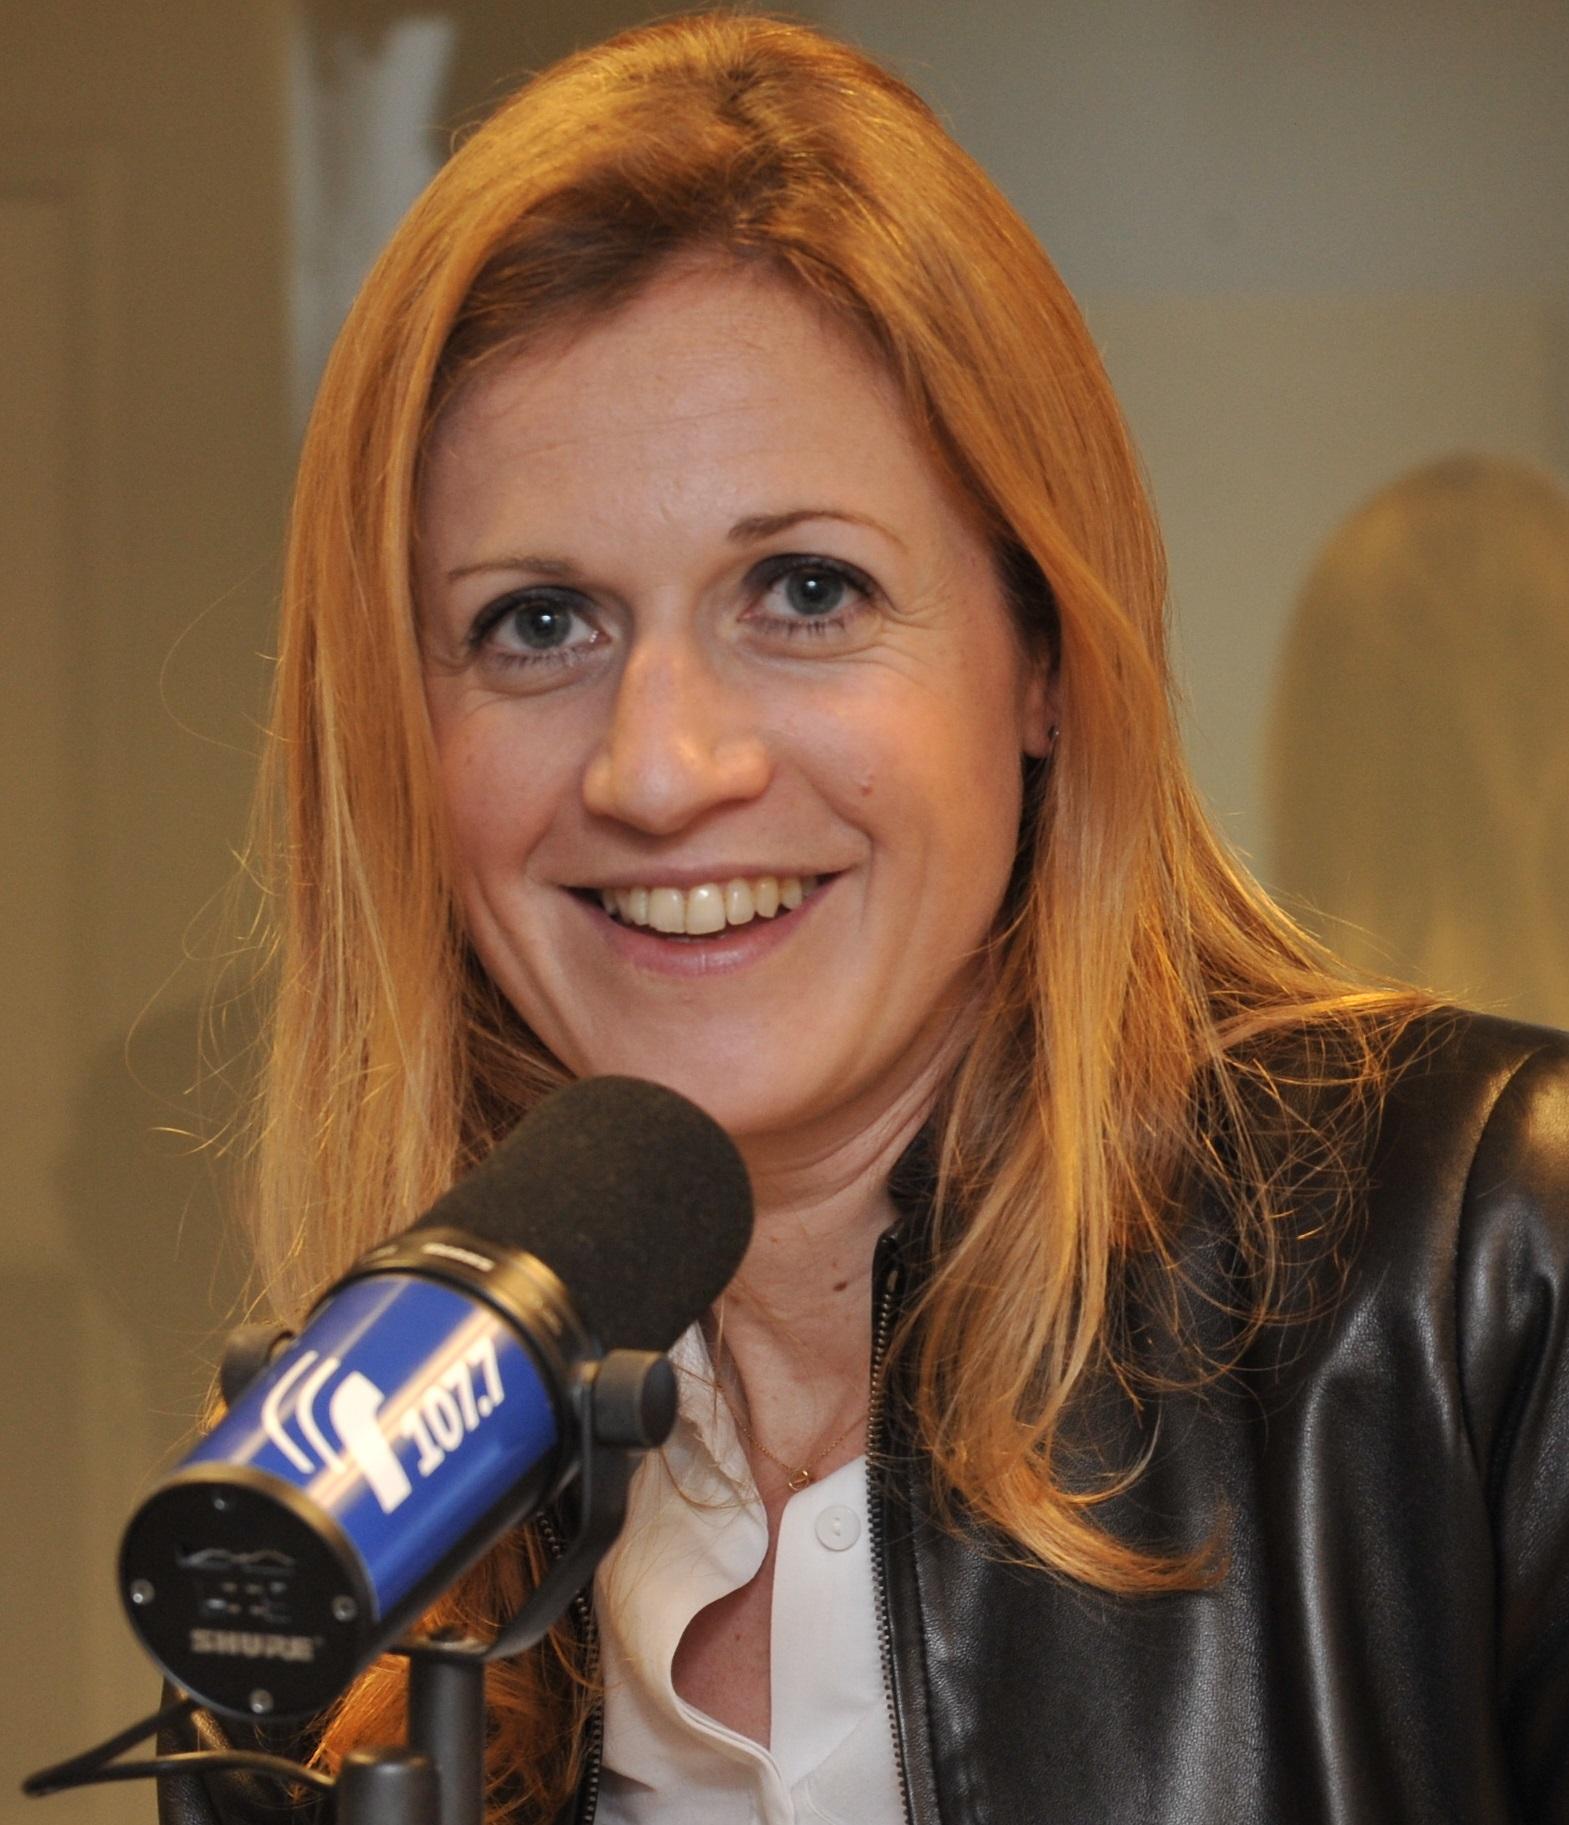 Vanessa Monsenergue dirige la station depuis son lancement © Radio Vinci Autoroutes